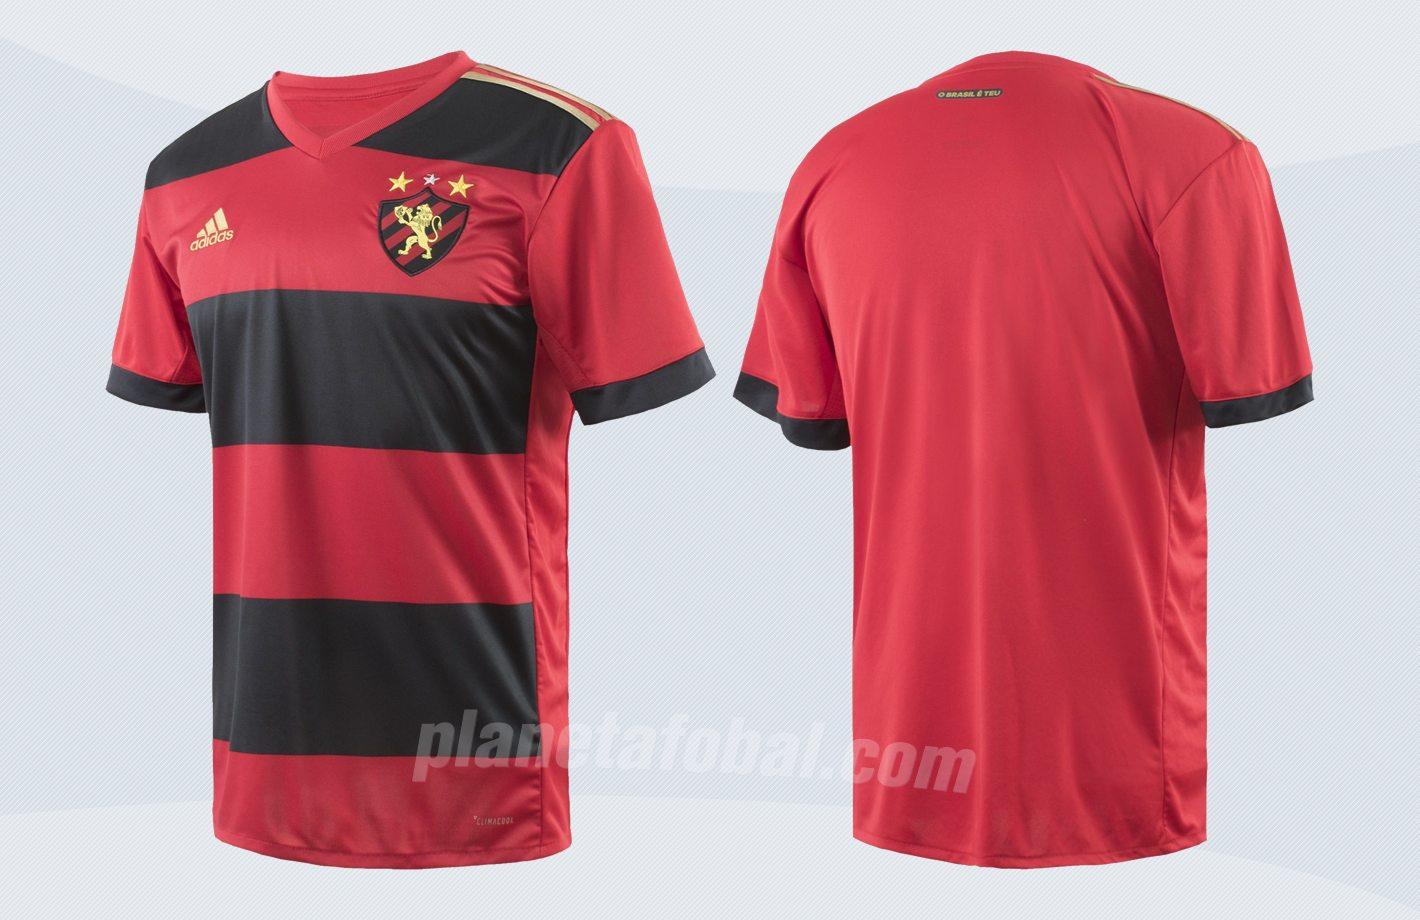 Nueva camiseta del Sport Recife | Imágenes Adidas